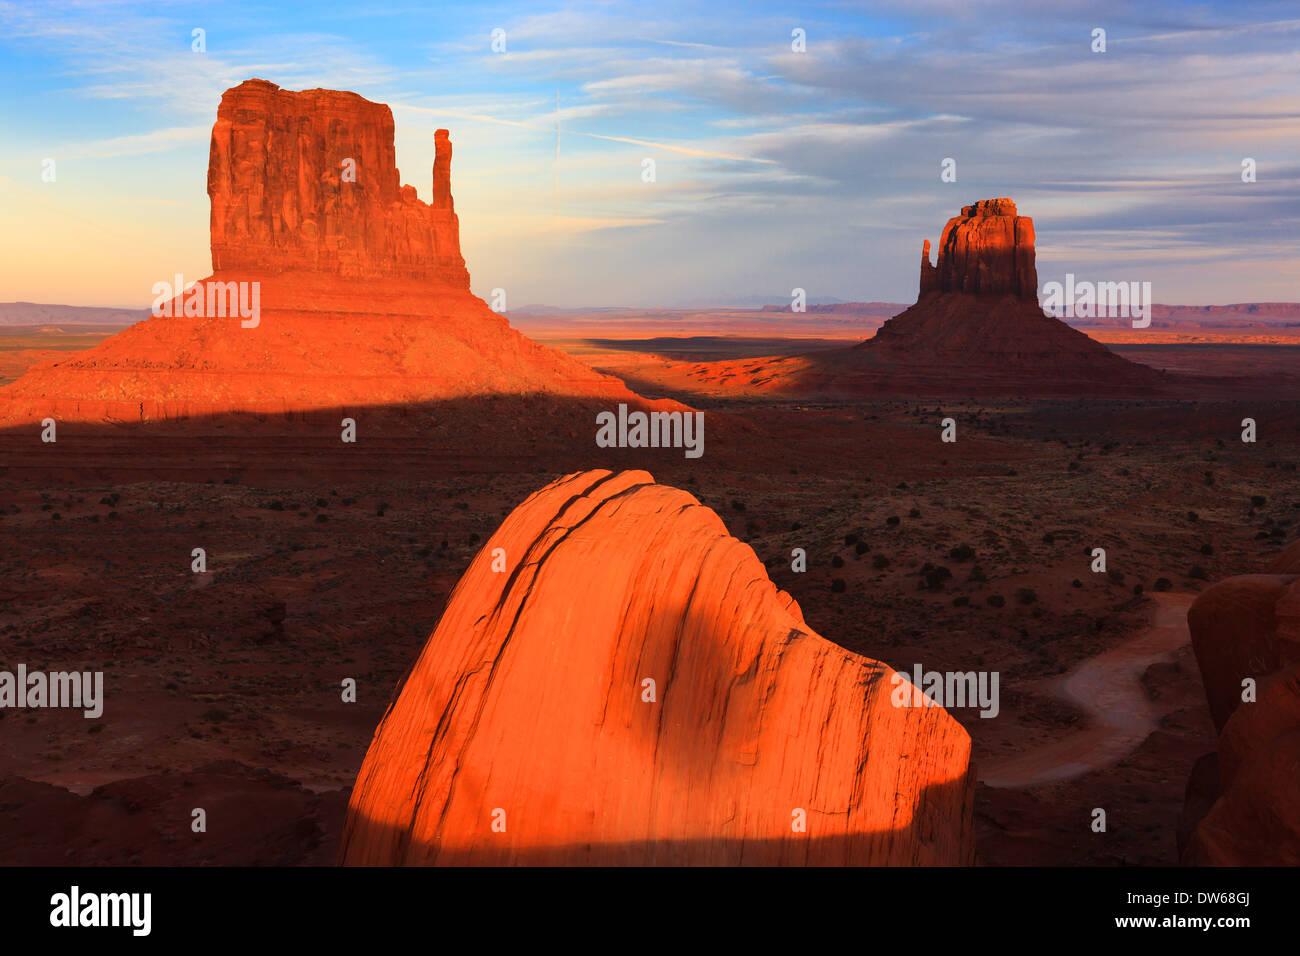 Tramonto nella Monument Valley Navajo Tribal Park al confine dello Utah e Arizona Immagini Stock